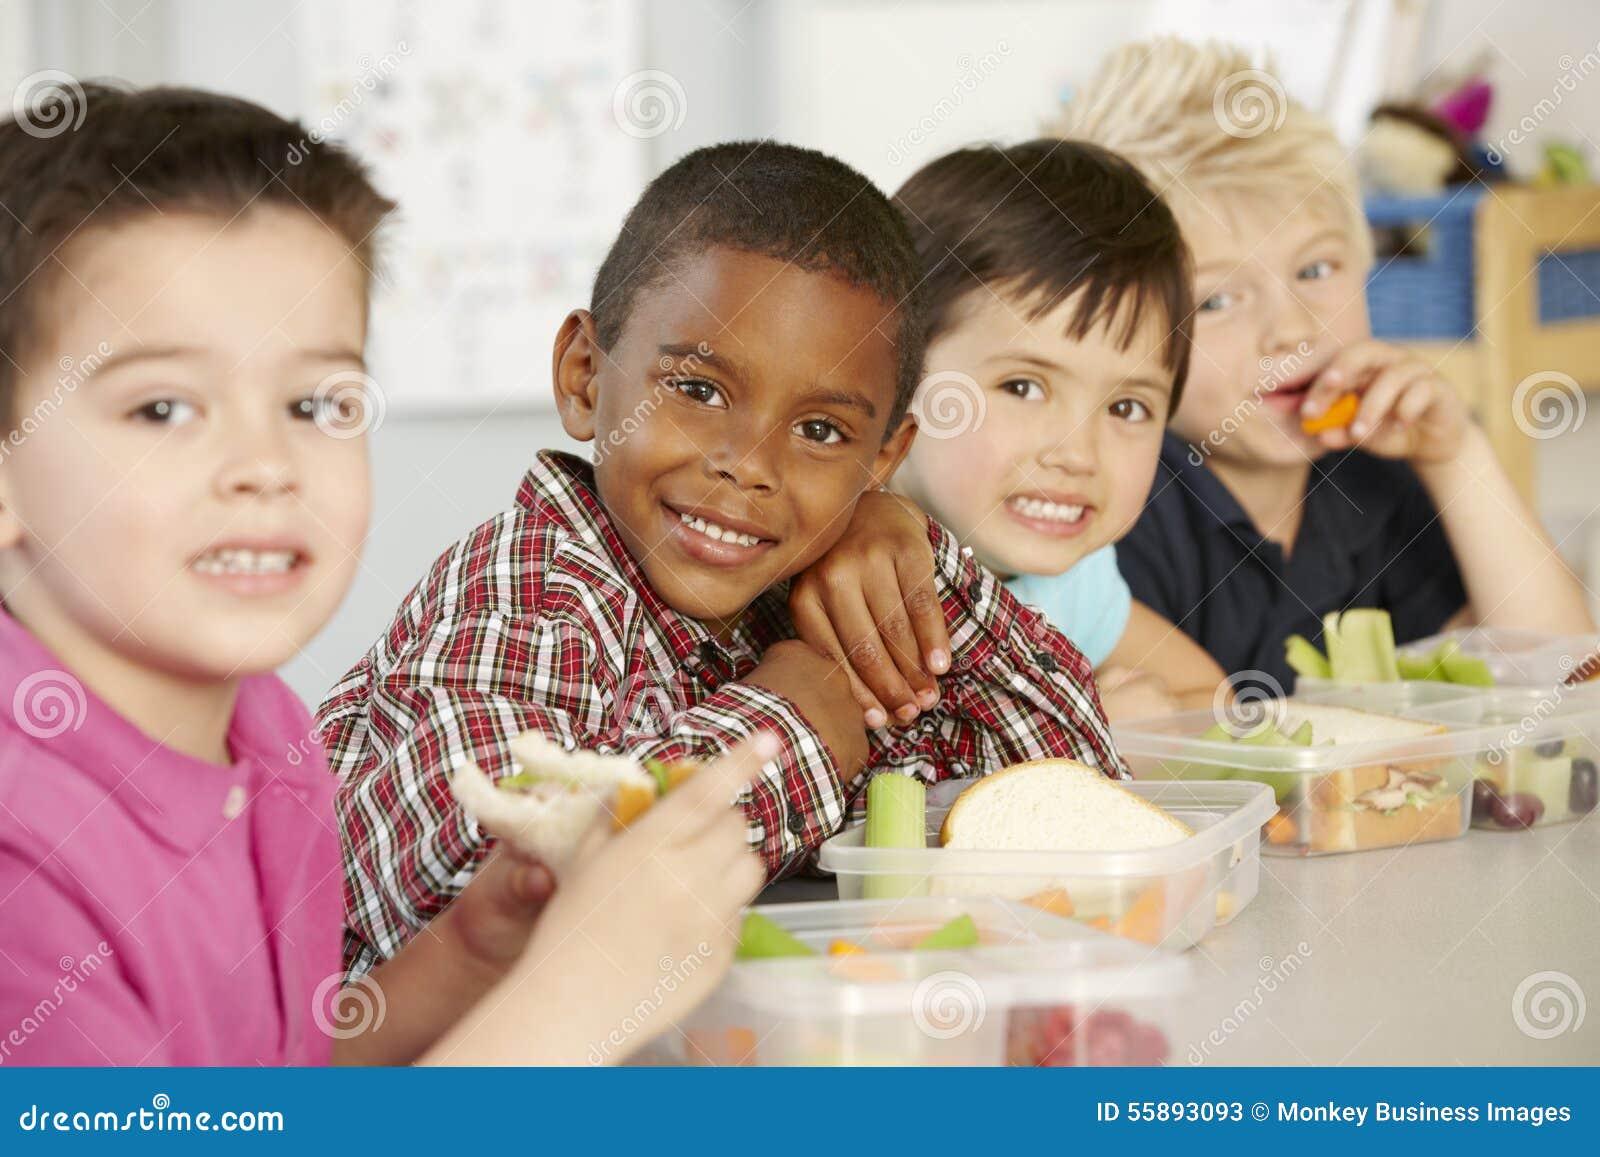 Gruppe grundlegende Alters-Schulkinder, die gesundes verpacktes Lun essen